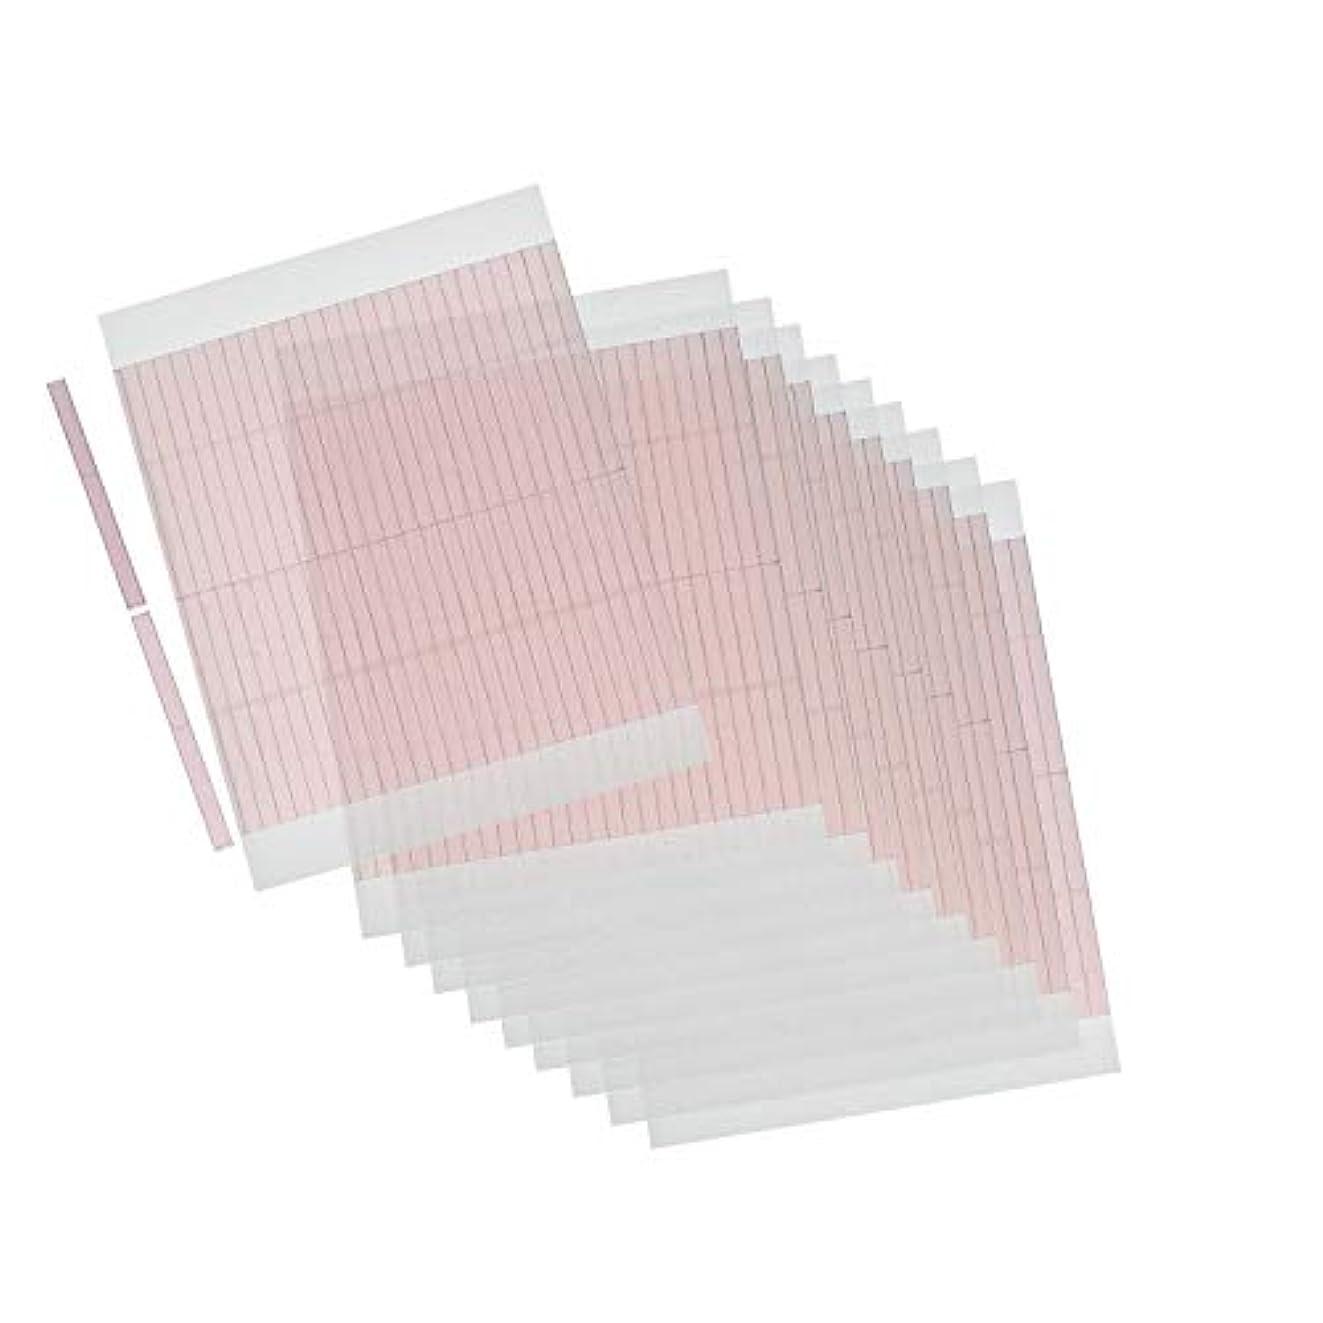 ローラー虚栄心ライオンm.tivance アイテープ 二重瞼形成 二重テープ 10シートセット 520本入り/アイテープ10枚セット